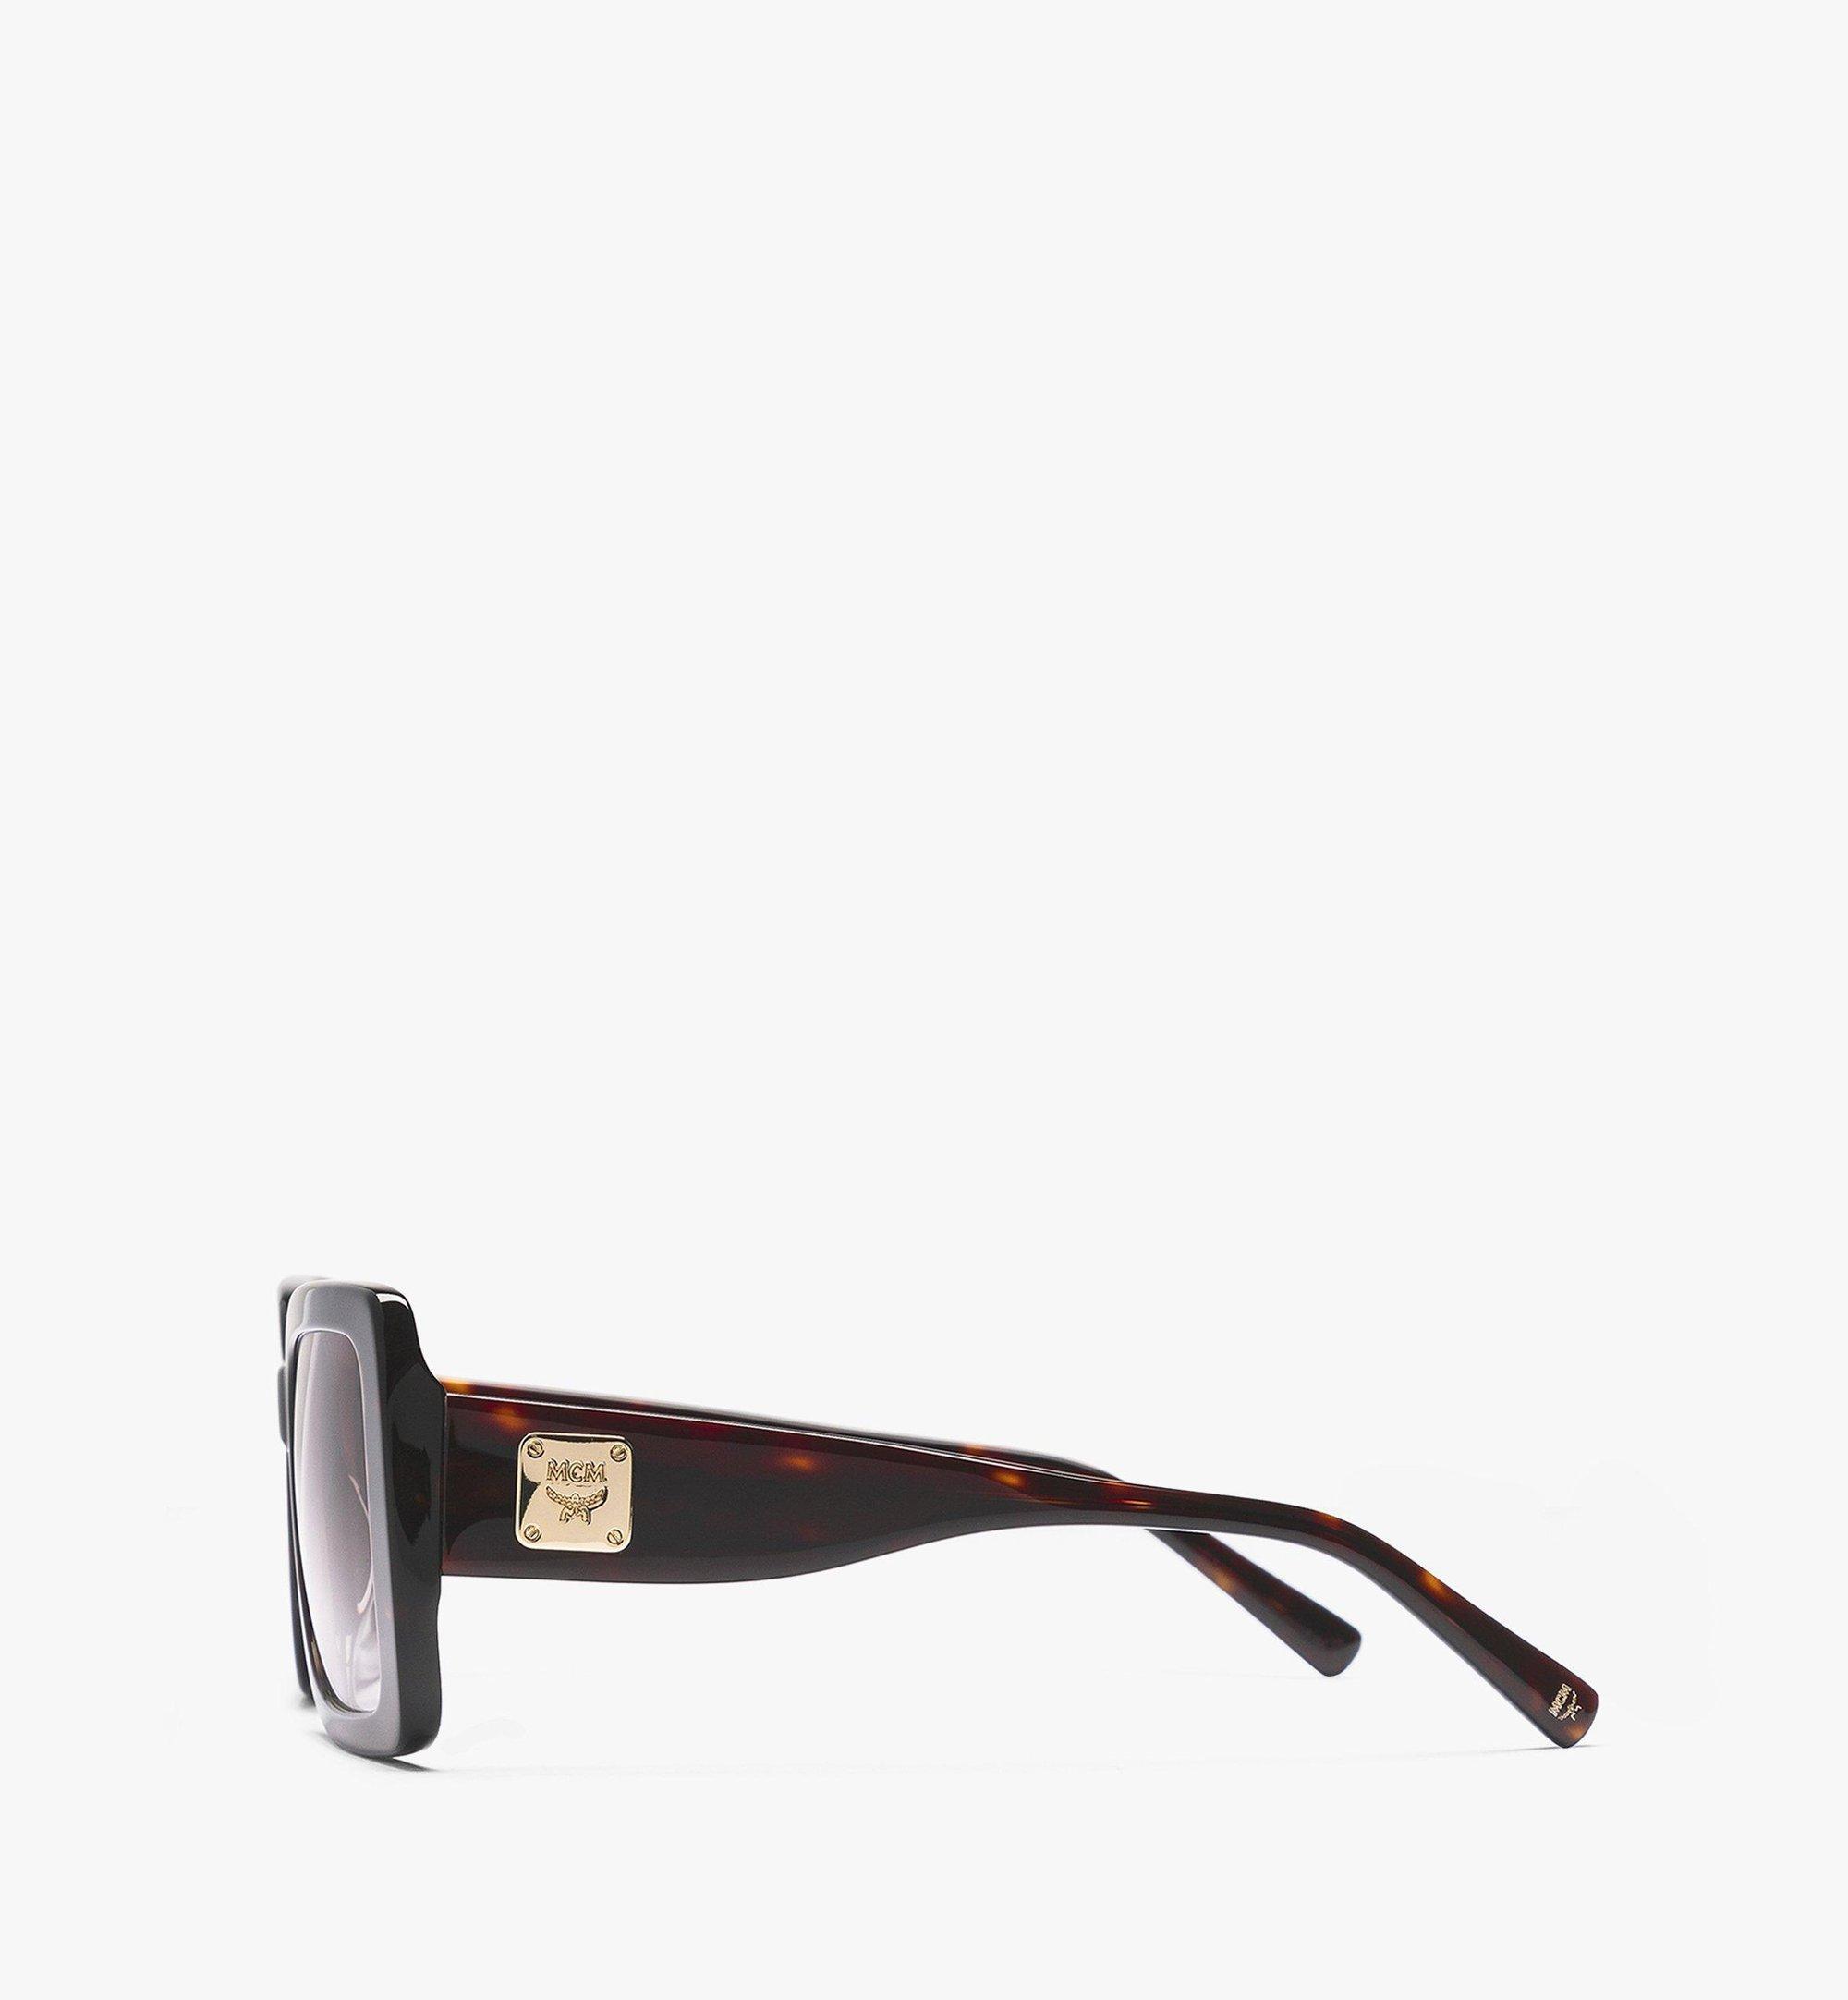 MCM Rechteckige MCM711S Sonnenbrille Brown MEGBAMM07NQ001 Noch mehr sehen 1